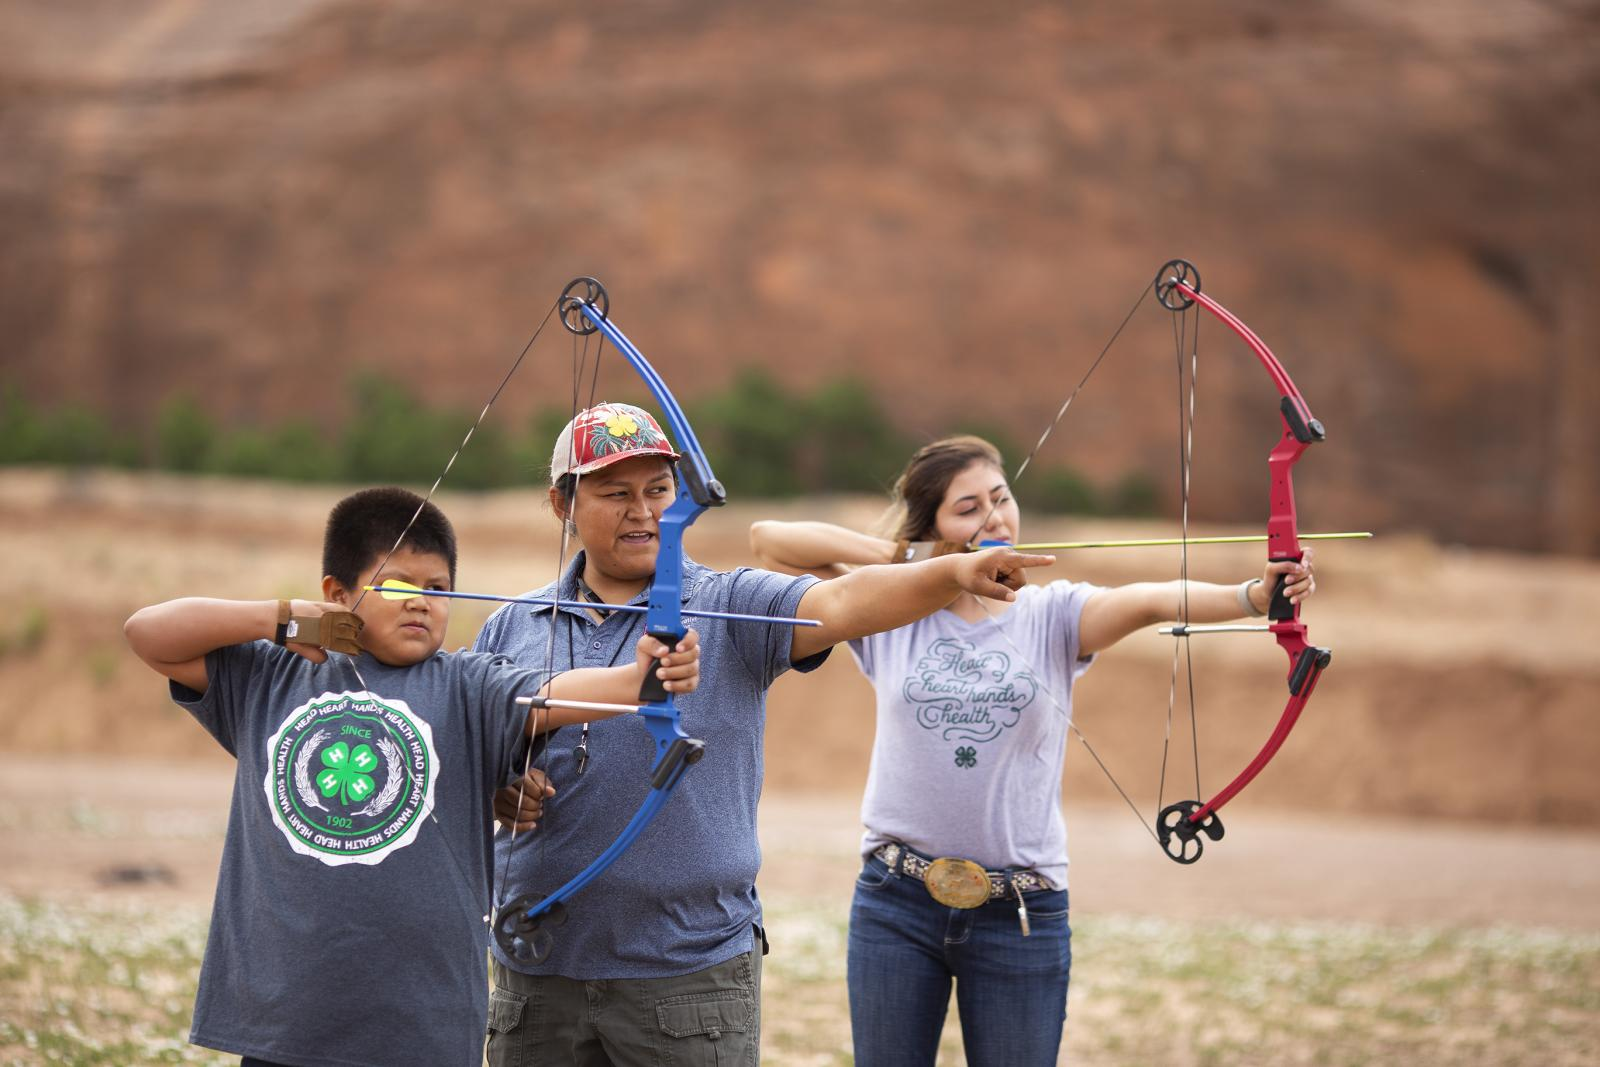 4-H volunteer teaching kids archery